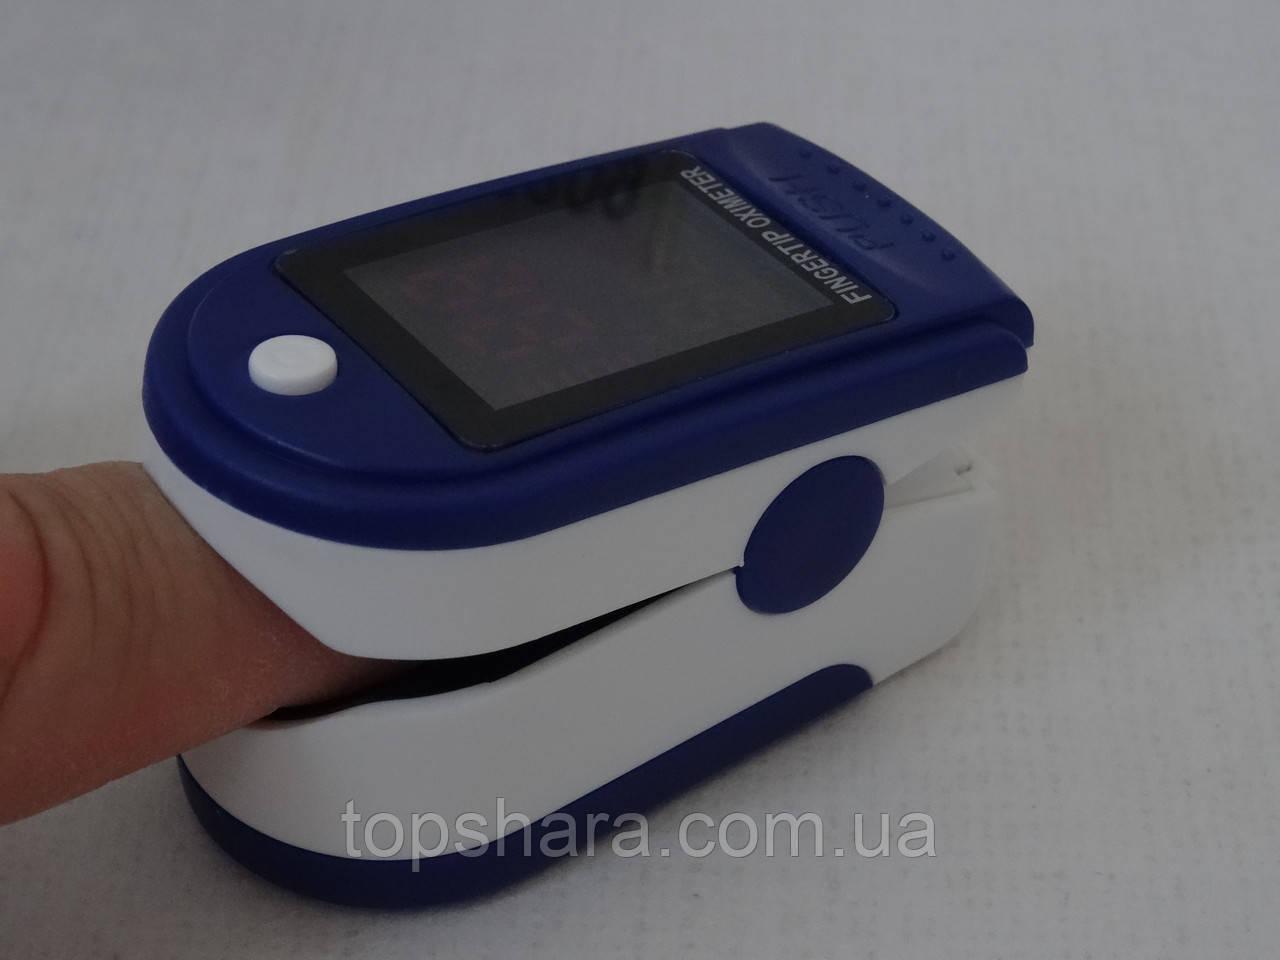 Пульсометр оксиметр на палец (пульсоксиметр) JZK302 White/Blue